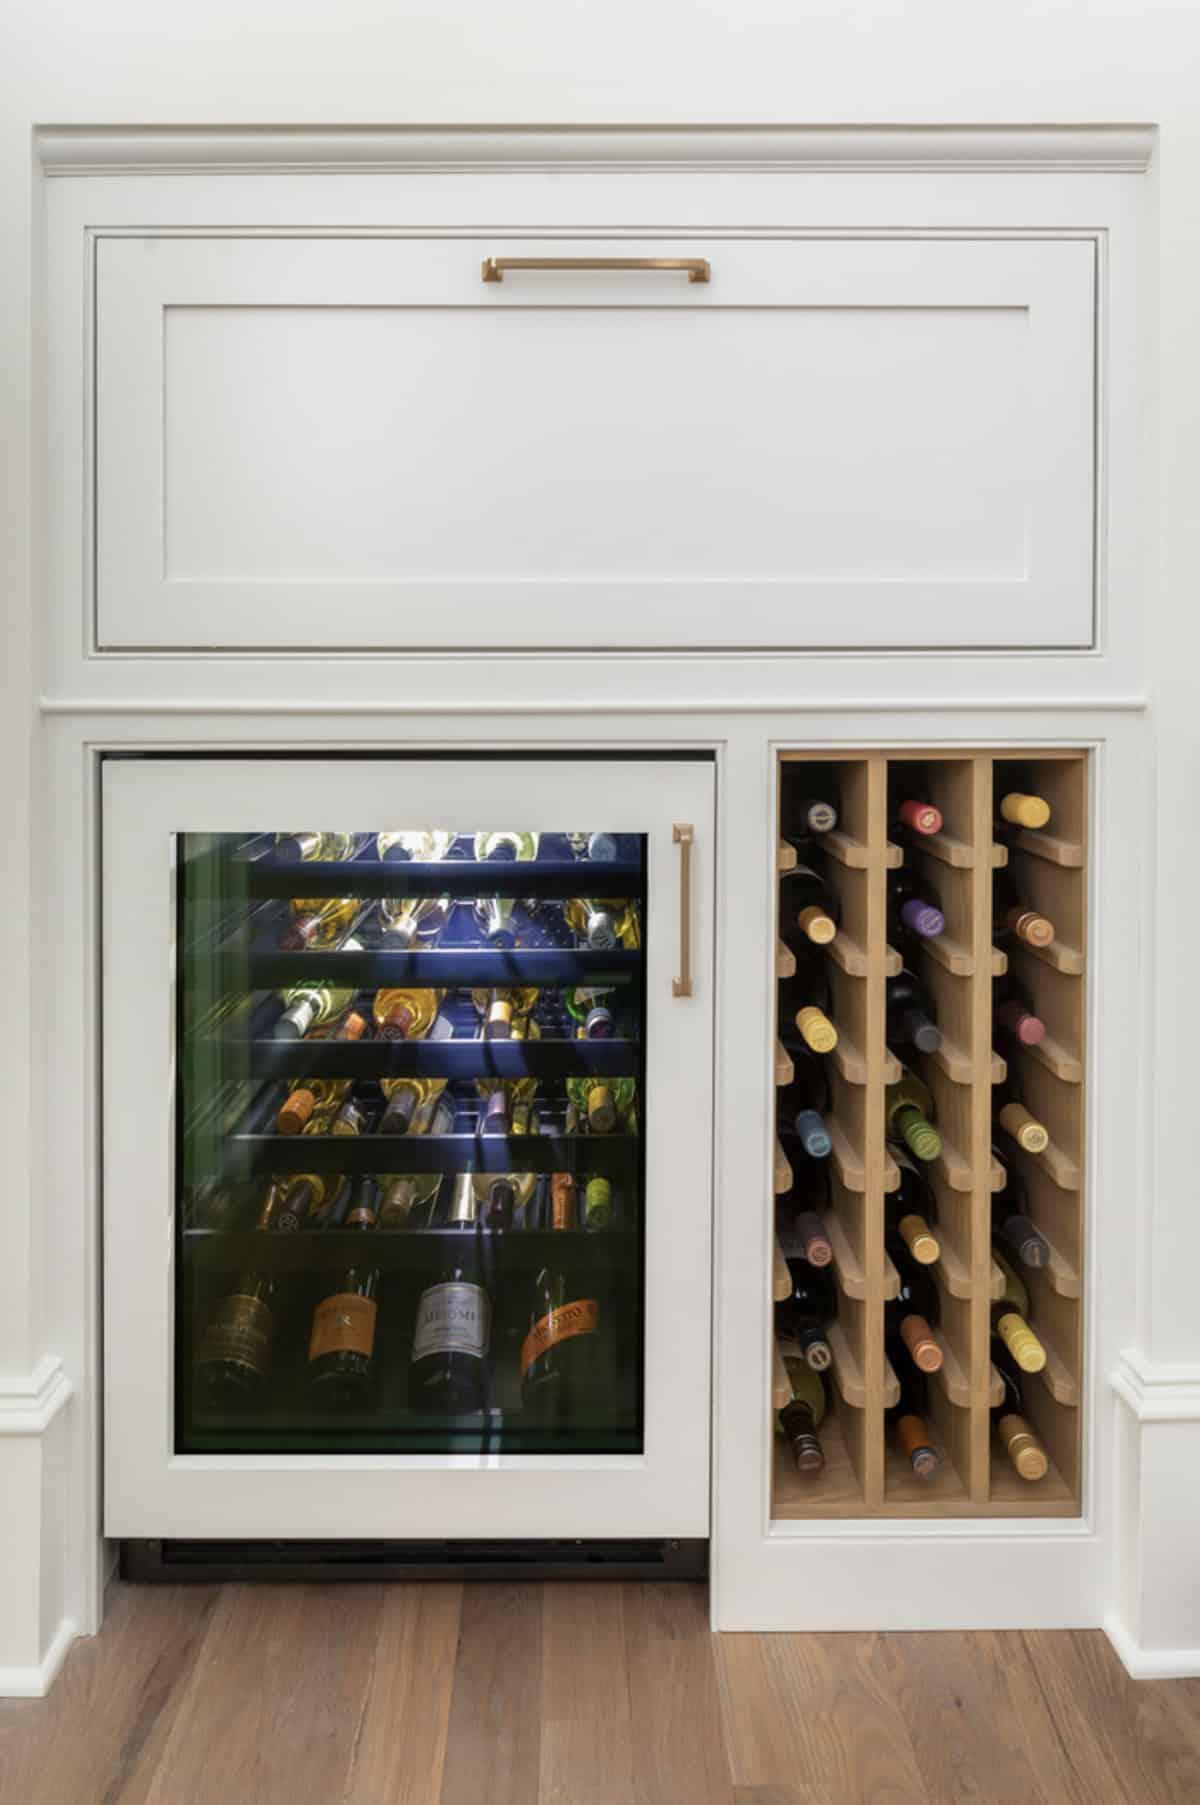 transitional-kitchen-wine-chiller